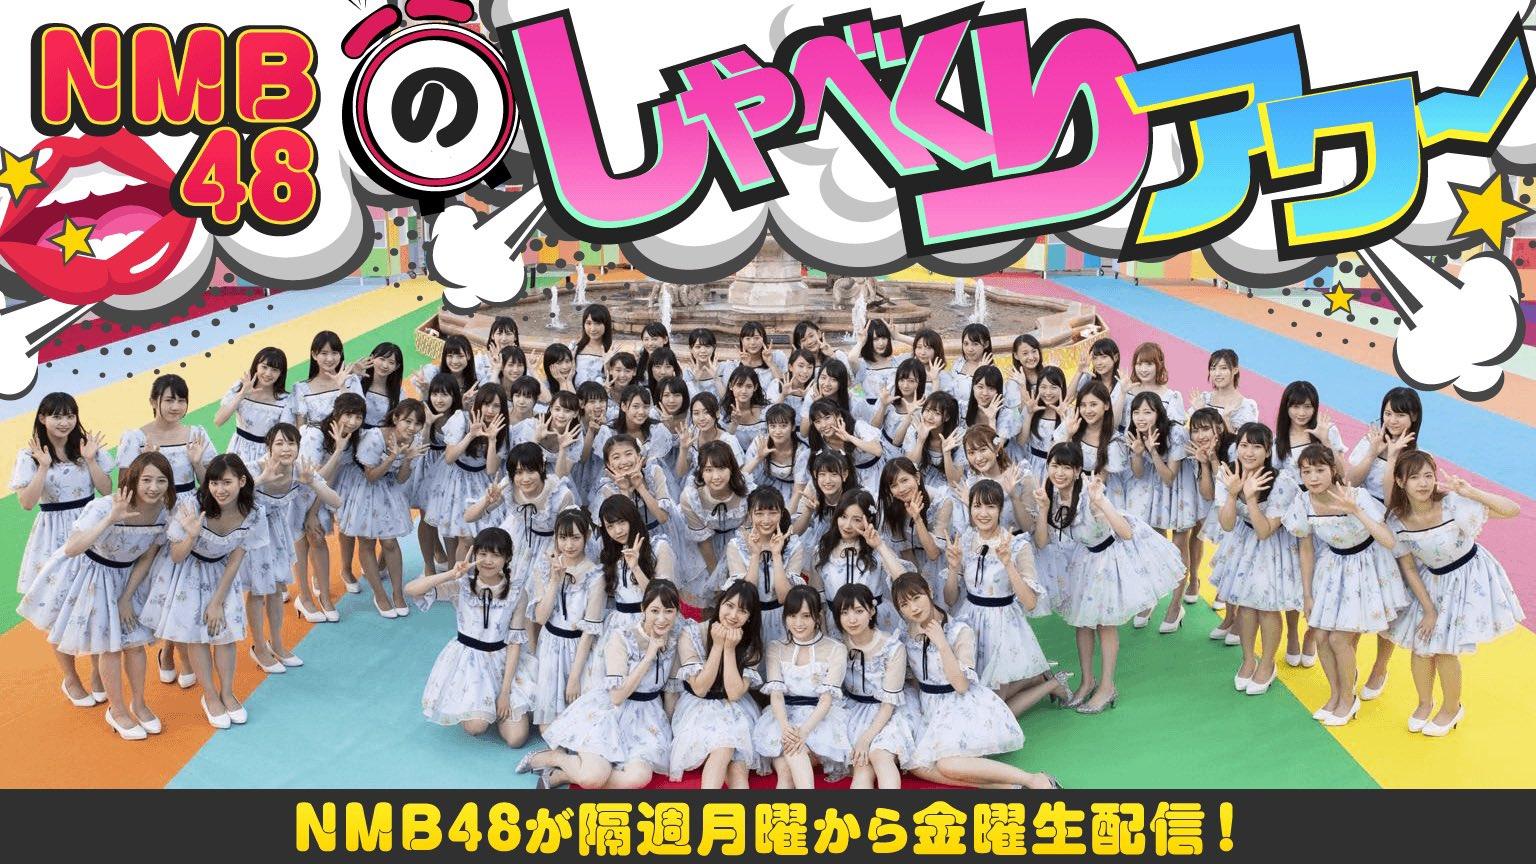 【NMB48】2/2の18:30から「NMB48のしゃべくりアワーマグロ解体ショー特別配信!」が決定